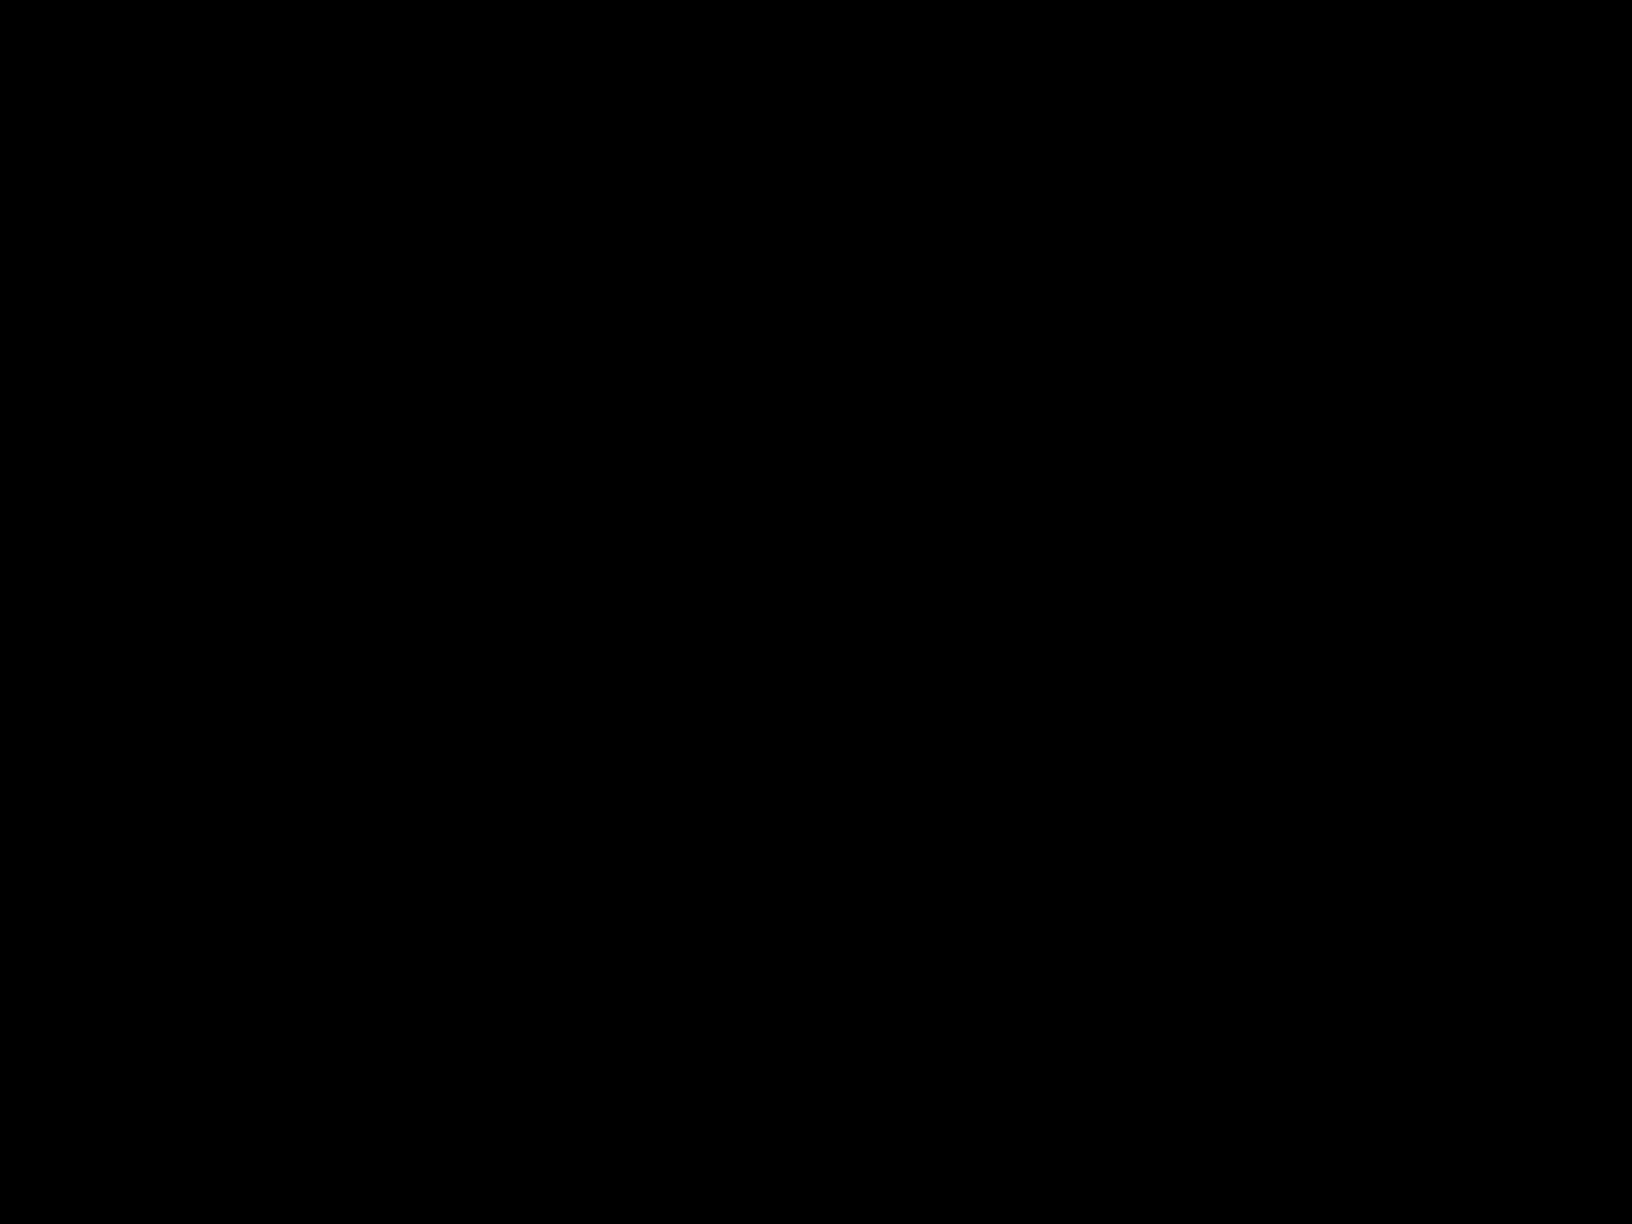 цена Приправа Knorr на второе карт.по-деревенск.чесночн.соус 28г